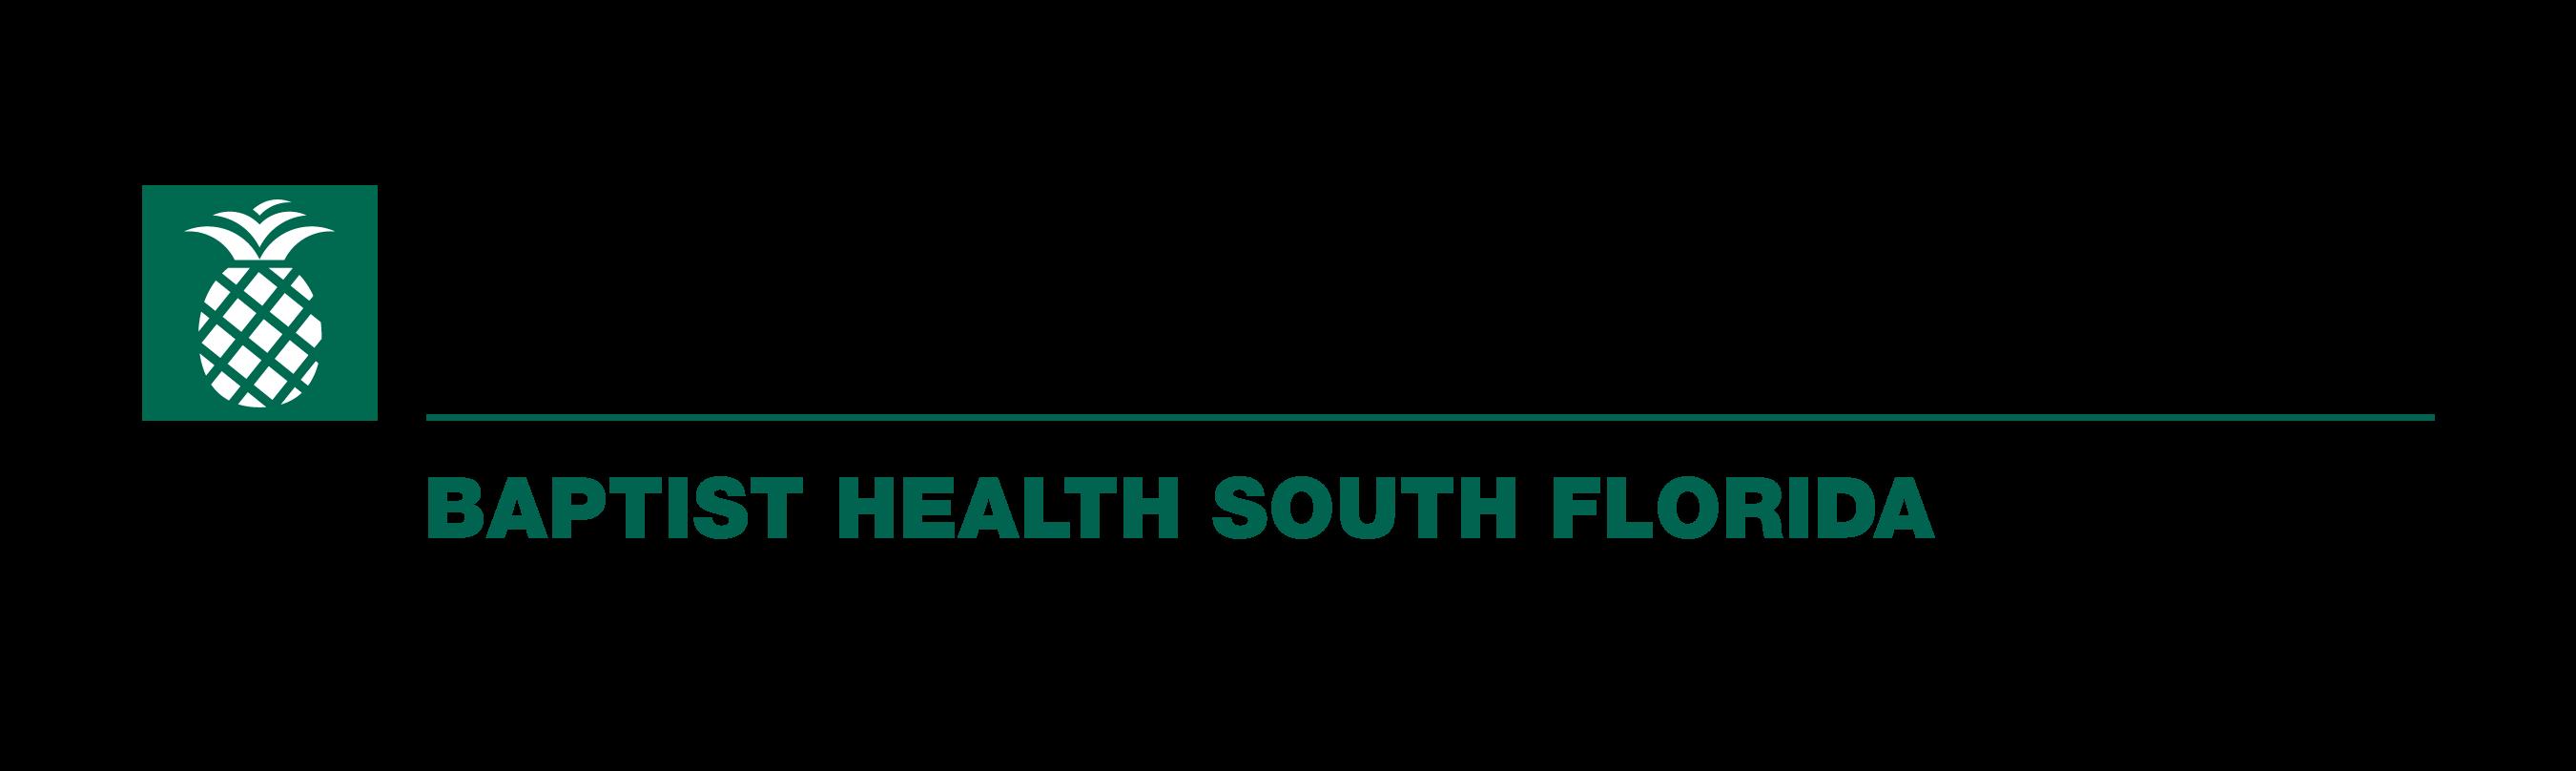 Baptist Health Foundation | Baptist Health South Florida